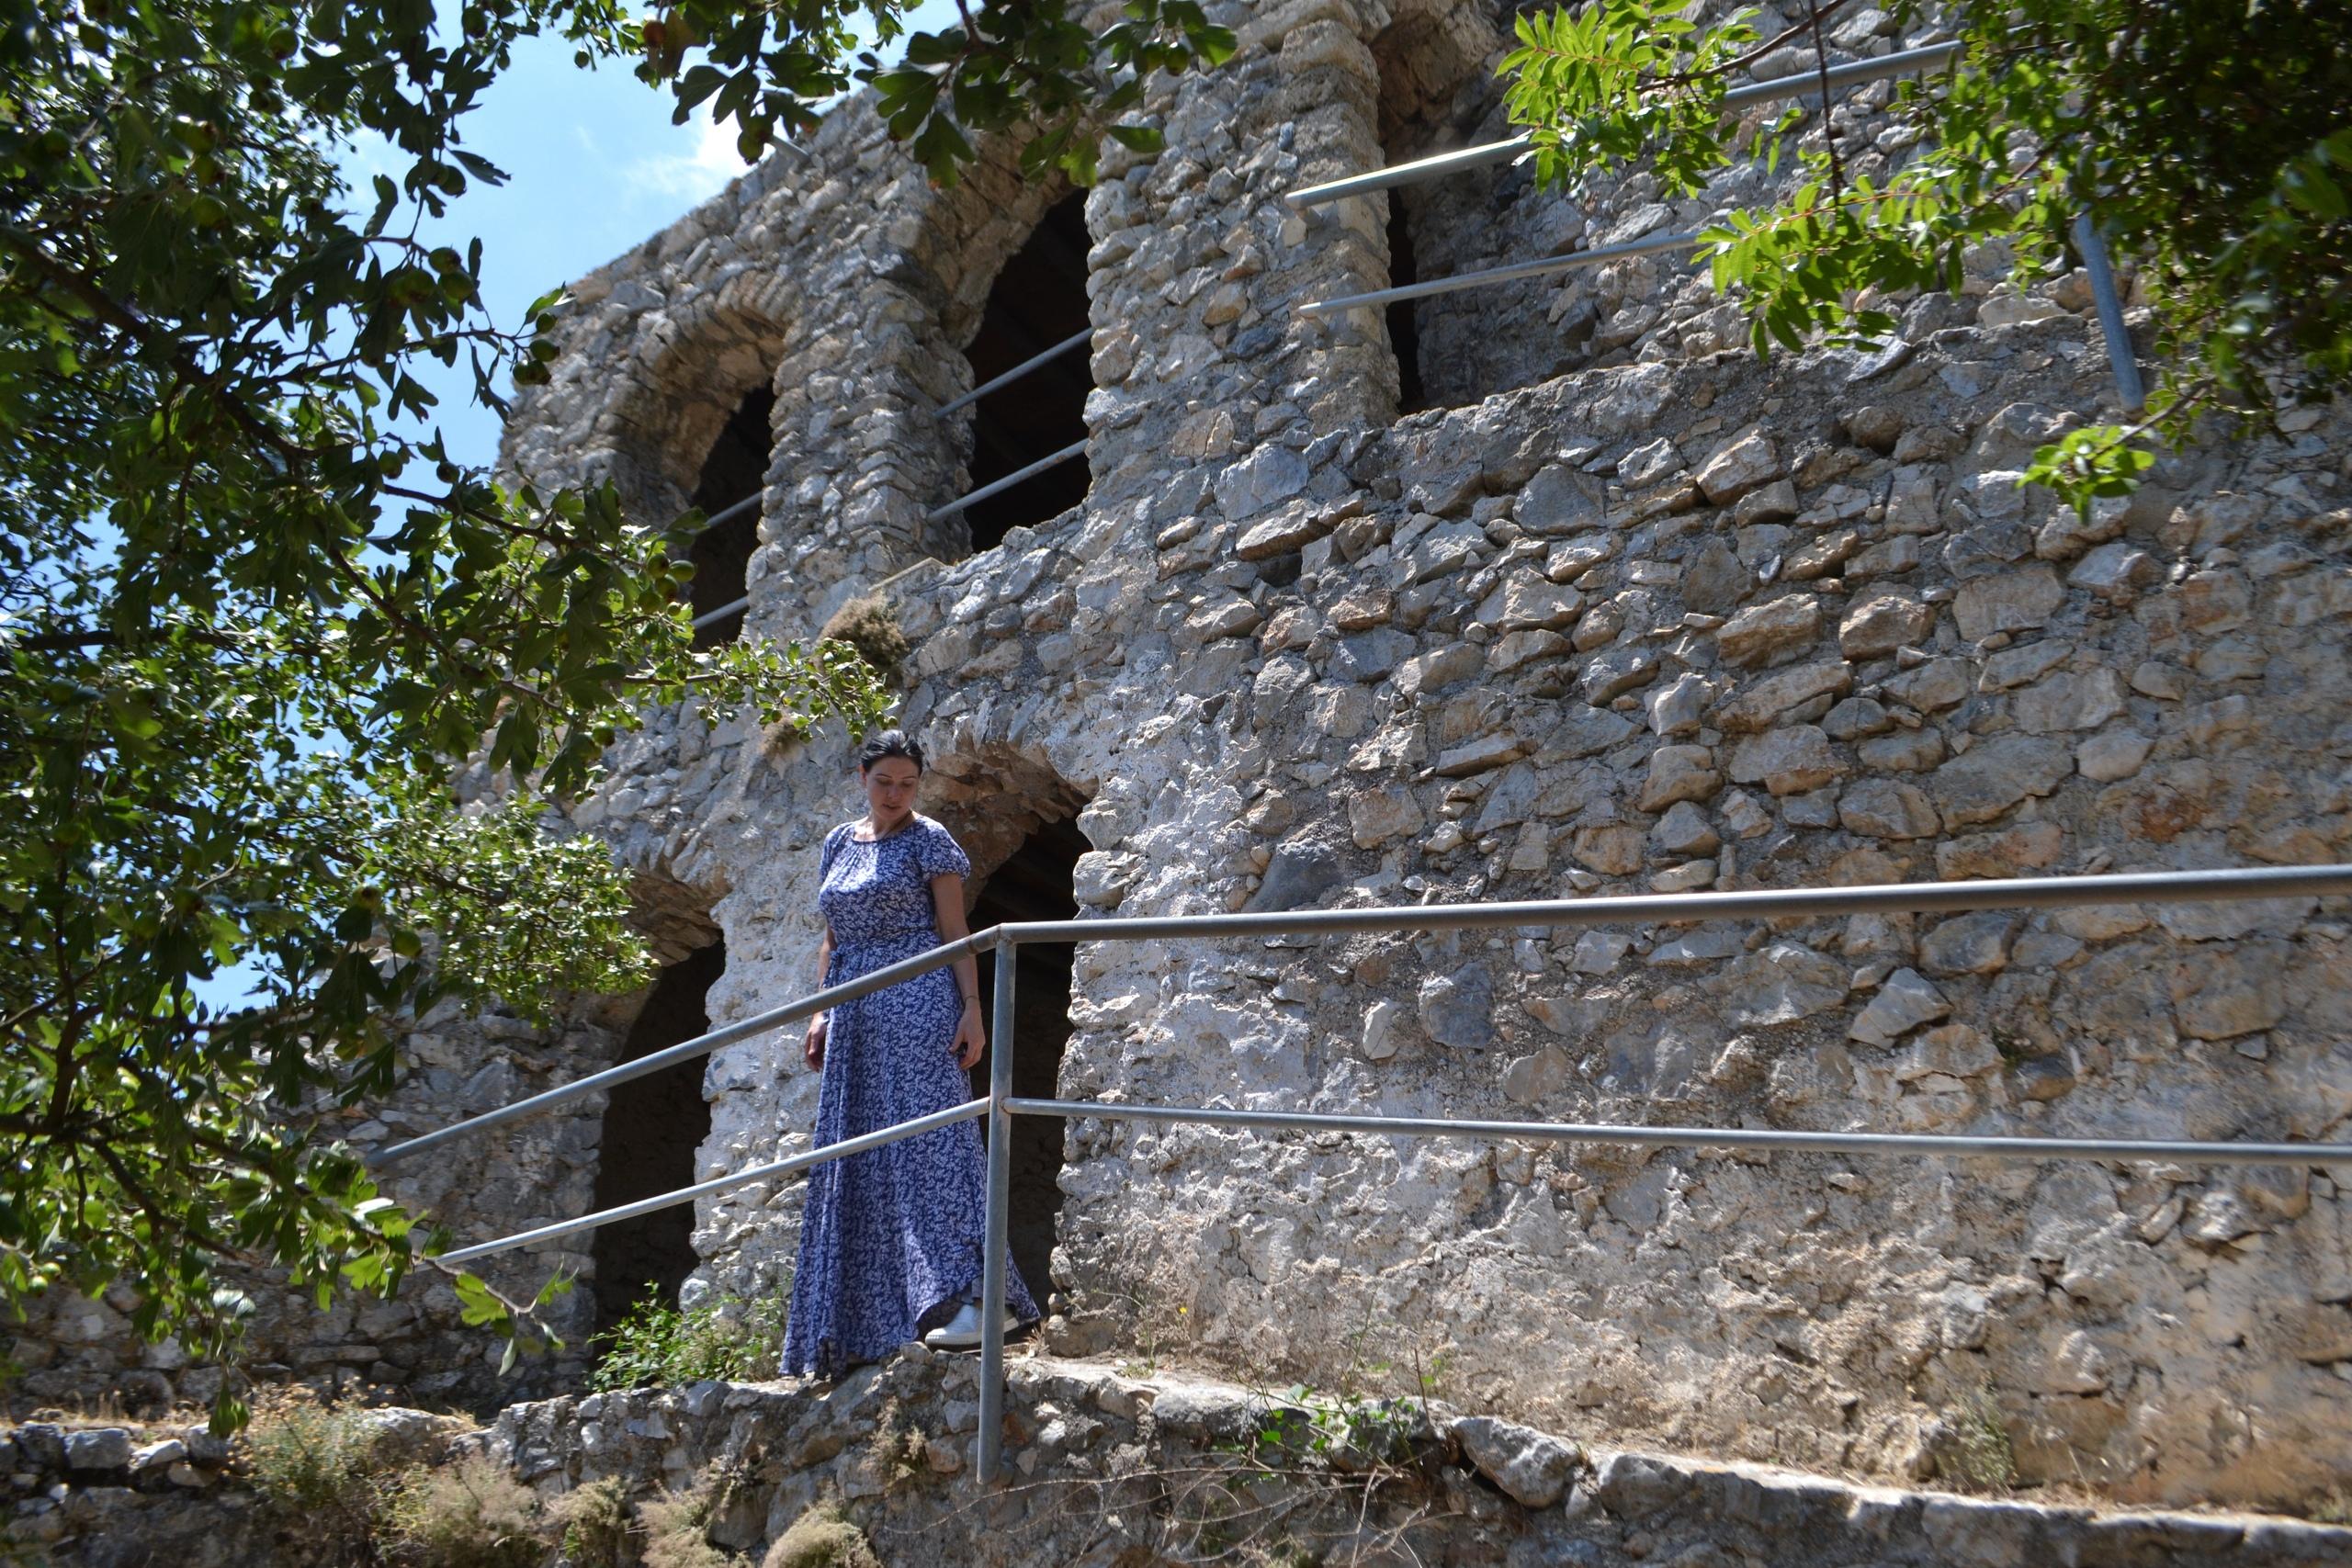 Северный Кипр. Замок Святого Иллариона. (фото). 99G6AwWuUGw